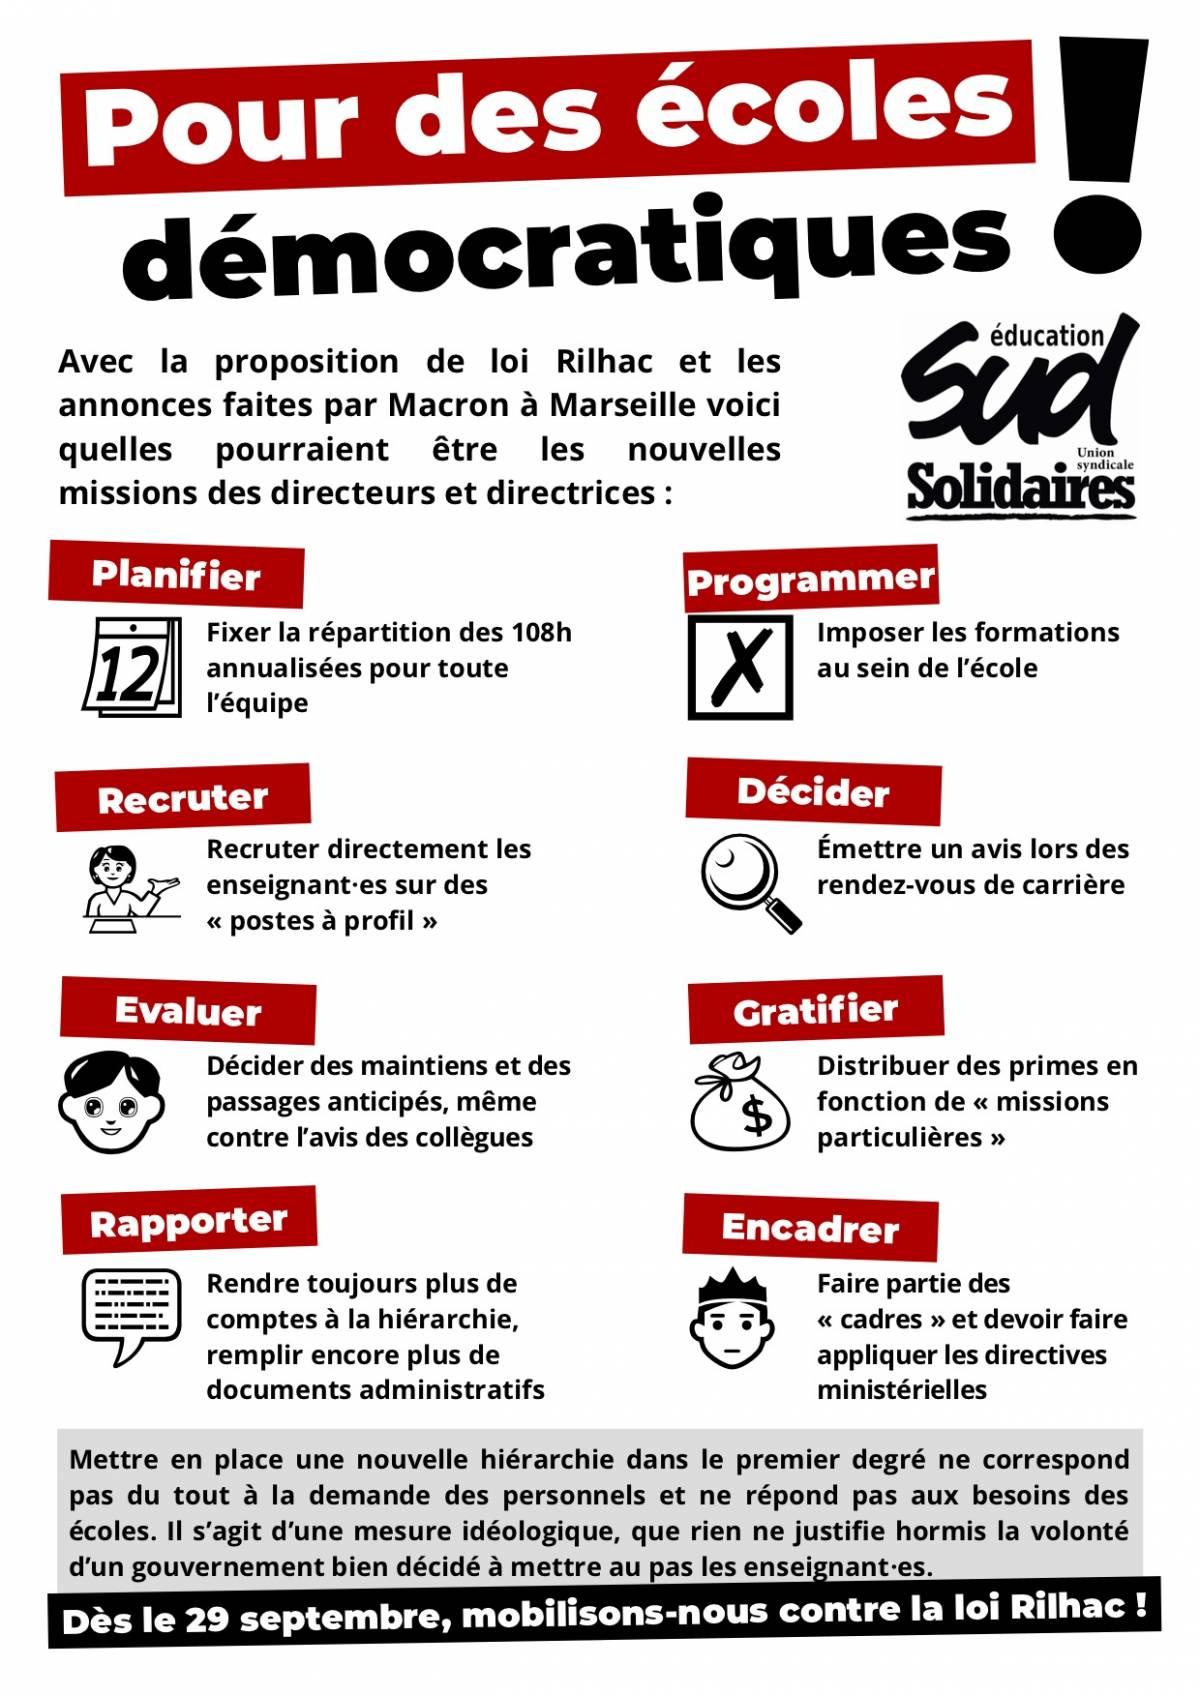 Pour des écoles démocratiques !